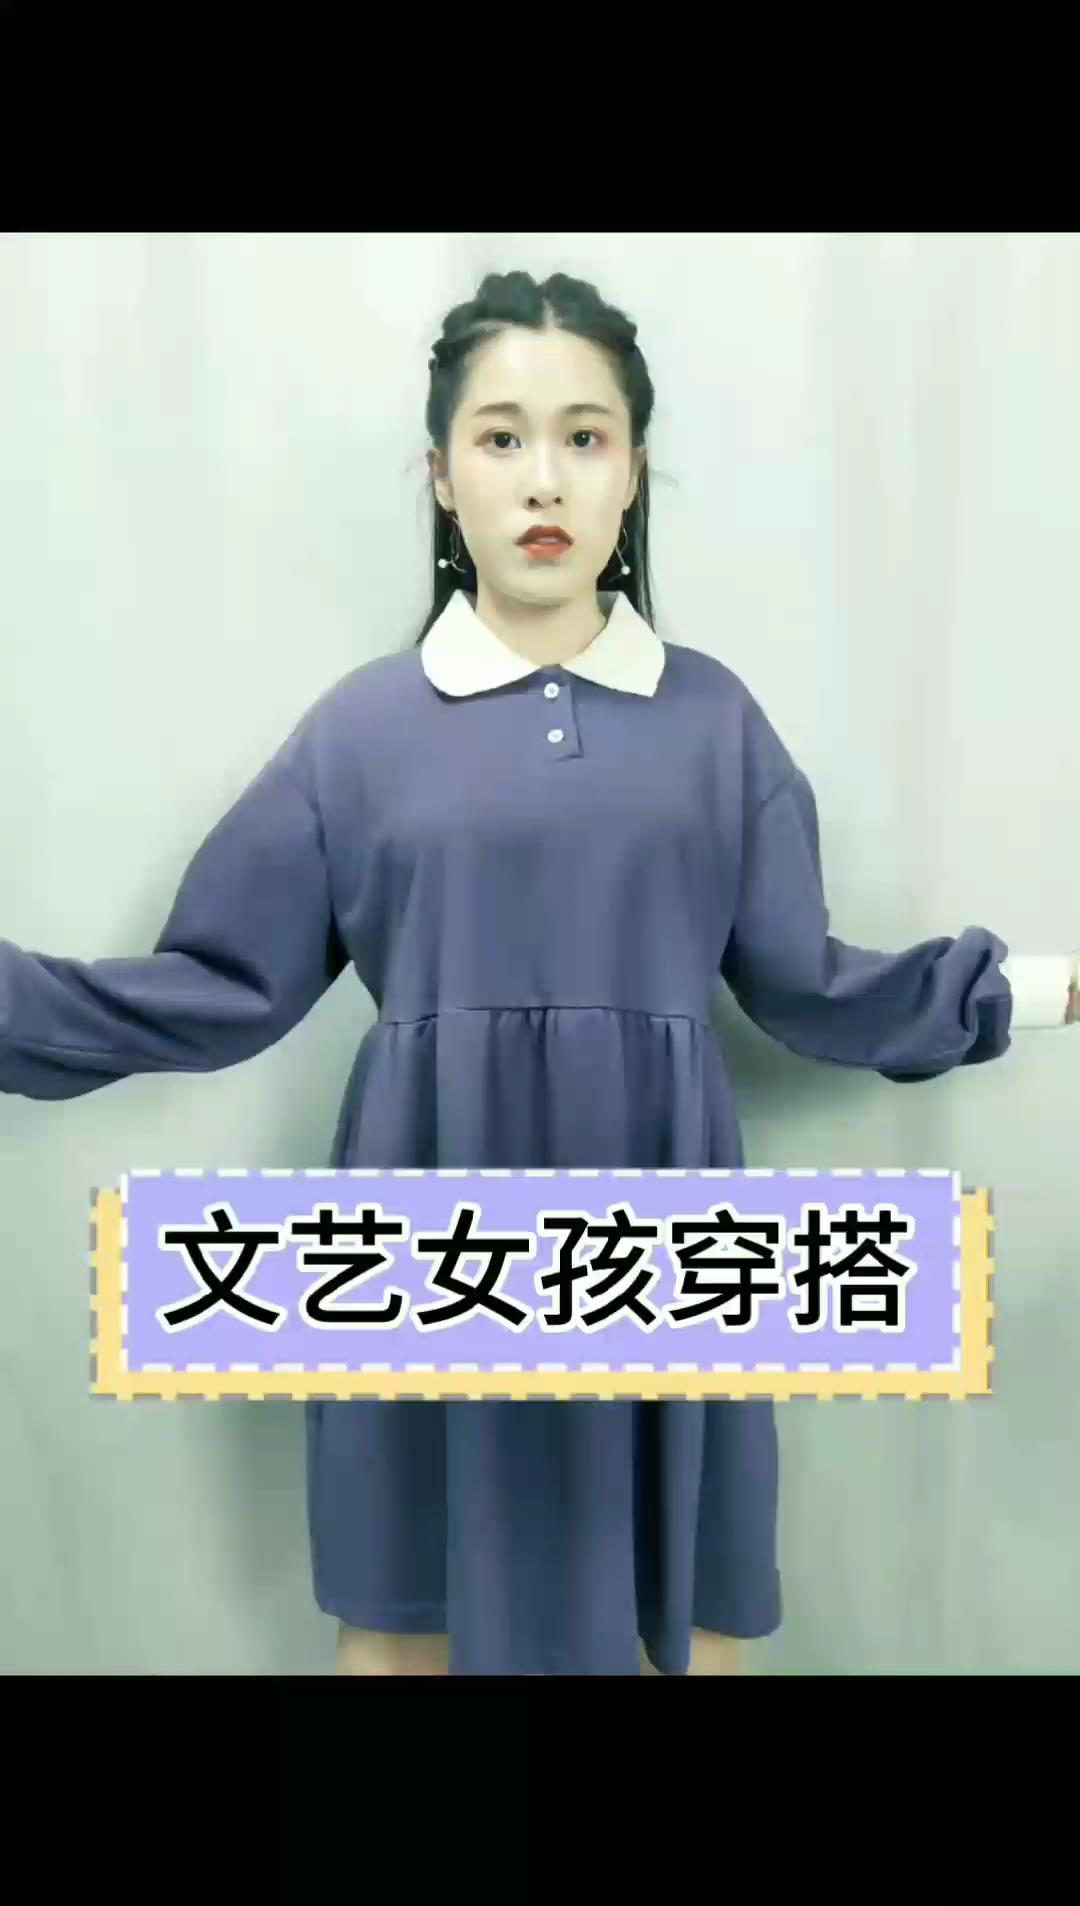 文艺女孩穿搭 | 撞色翻领连衣裙 一款文艺复古温柔风的连衣裙 紫色很显高贵,日常好搭配,自带洋气 上身轻快超有格调的 棉纺面料,很柔软,有弹性而且很耐磨 #全民搭配挑战赛#